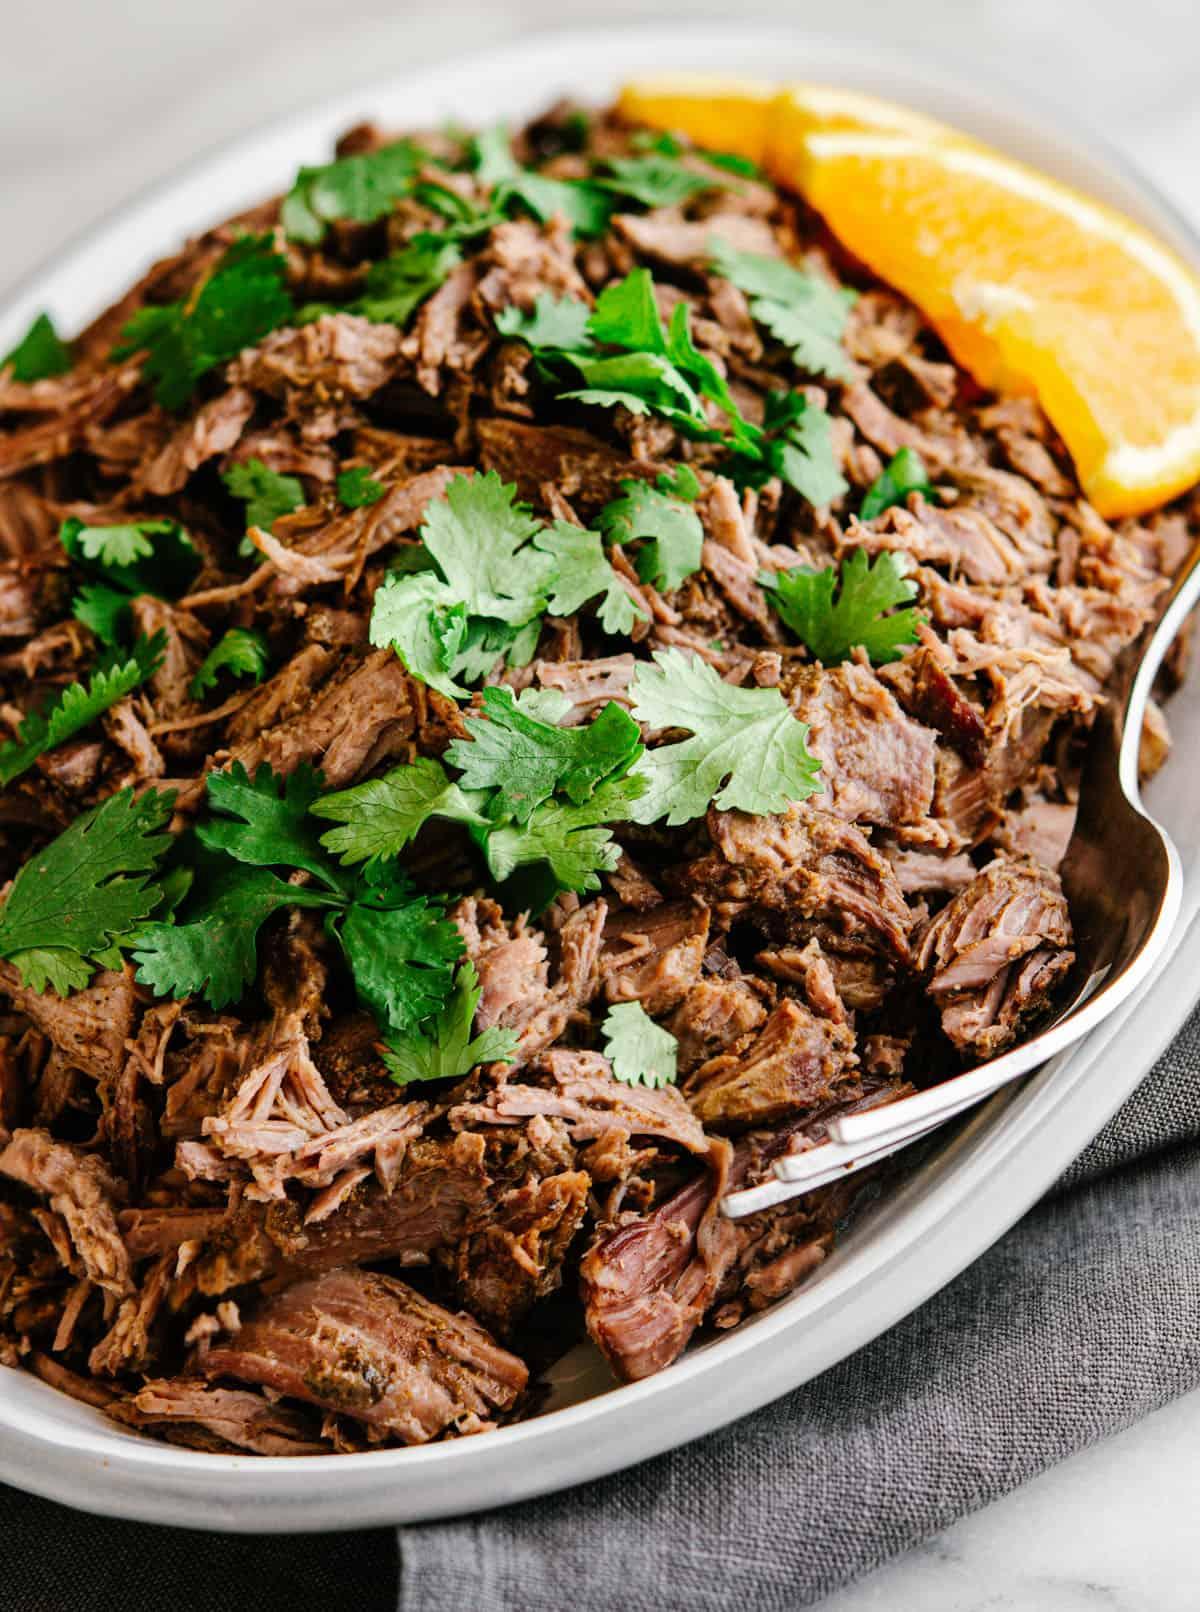 shredded lamb barbacoa served on an oval platter.